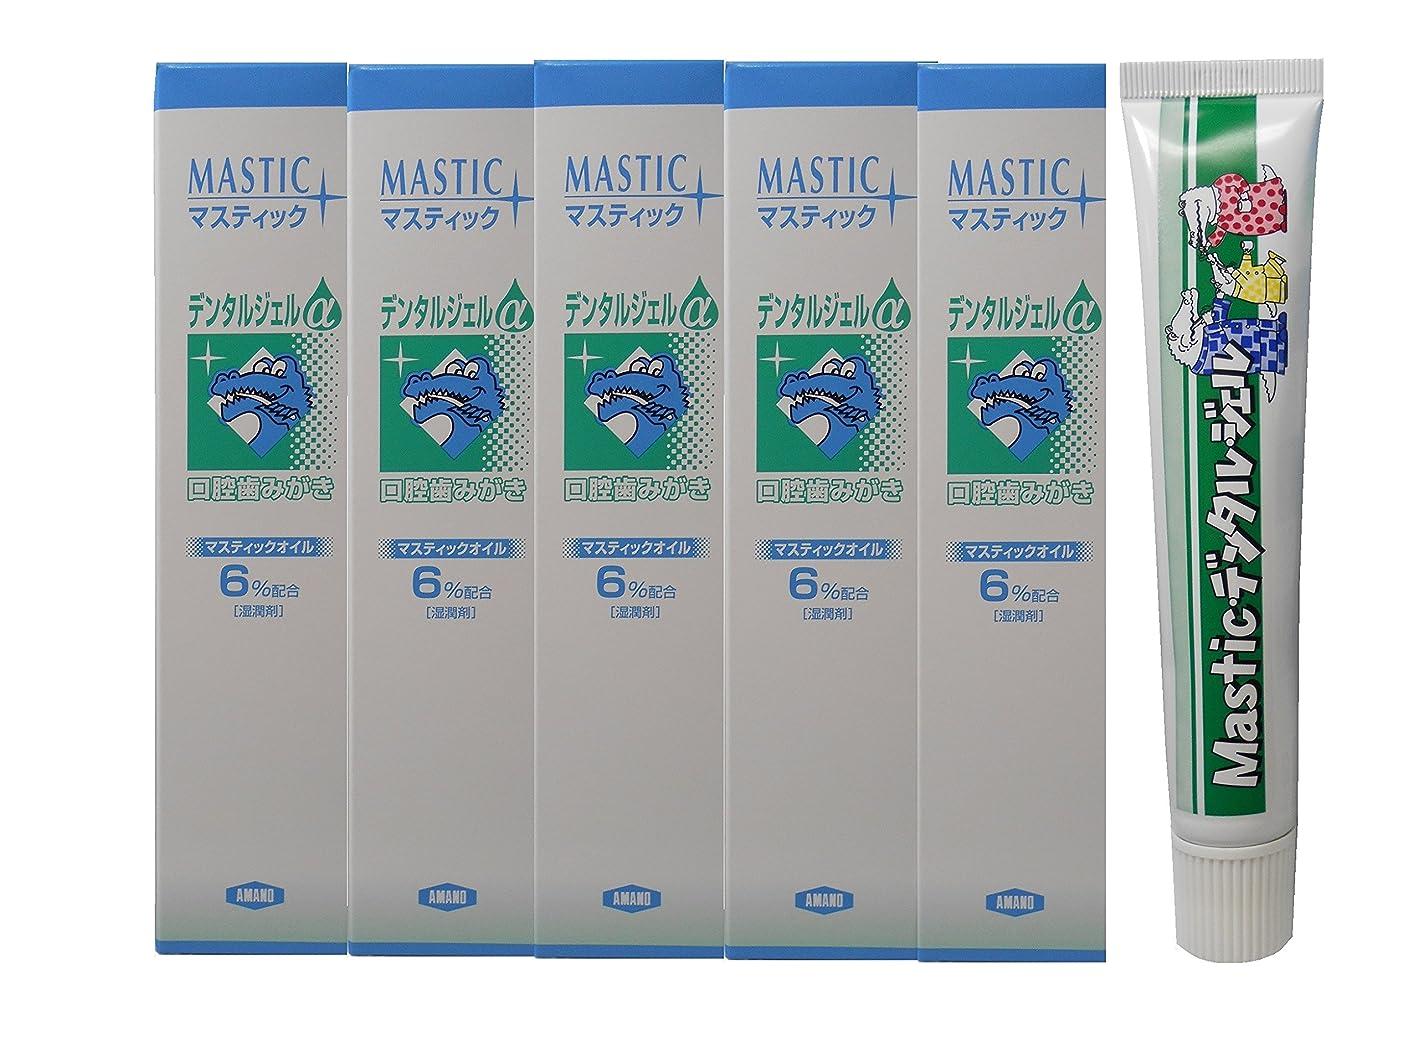 近く非アクティブ計画的MASTIC マスティックデンタルジェルα45g(6%配合)5個+MASTIC デンタルエッセンスジェルMSローヤルⅡ増量50g(10%配合)1個セット